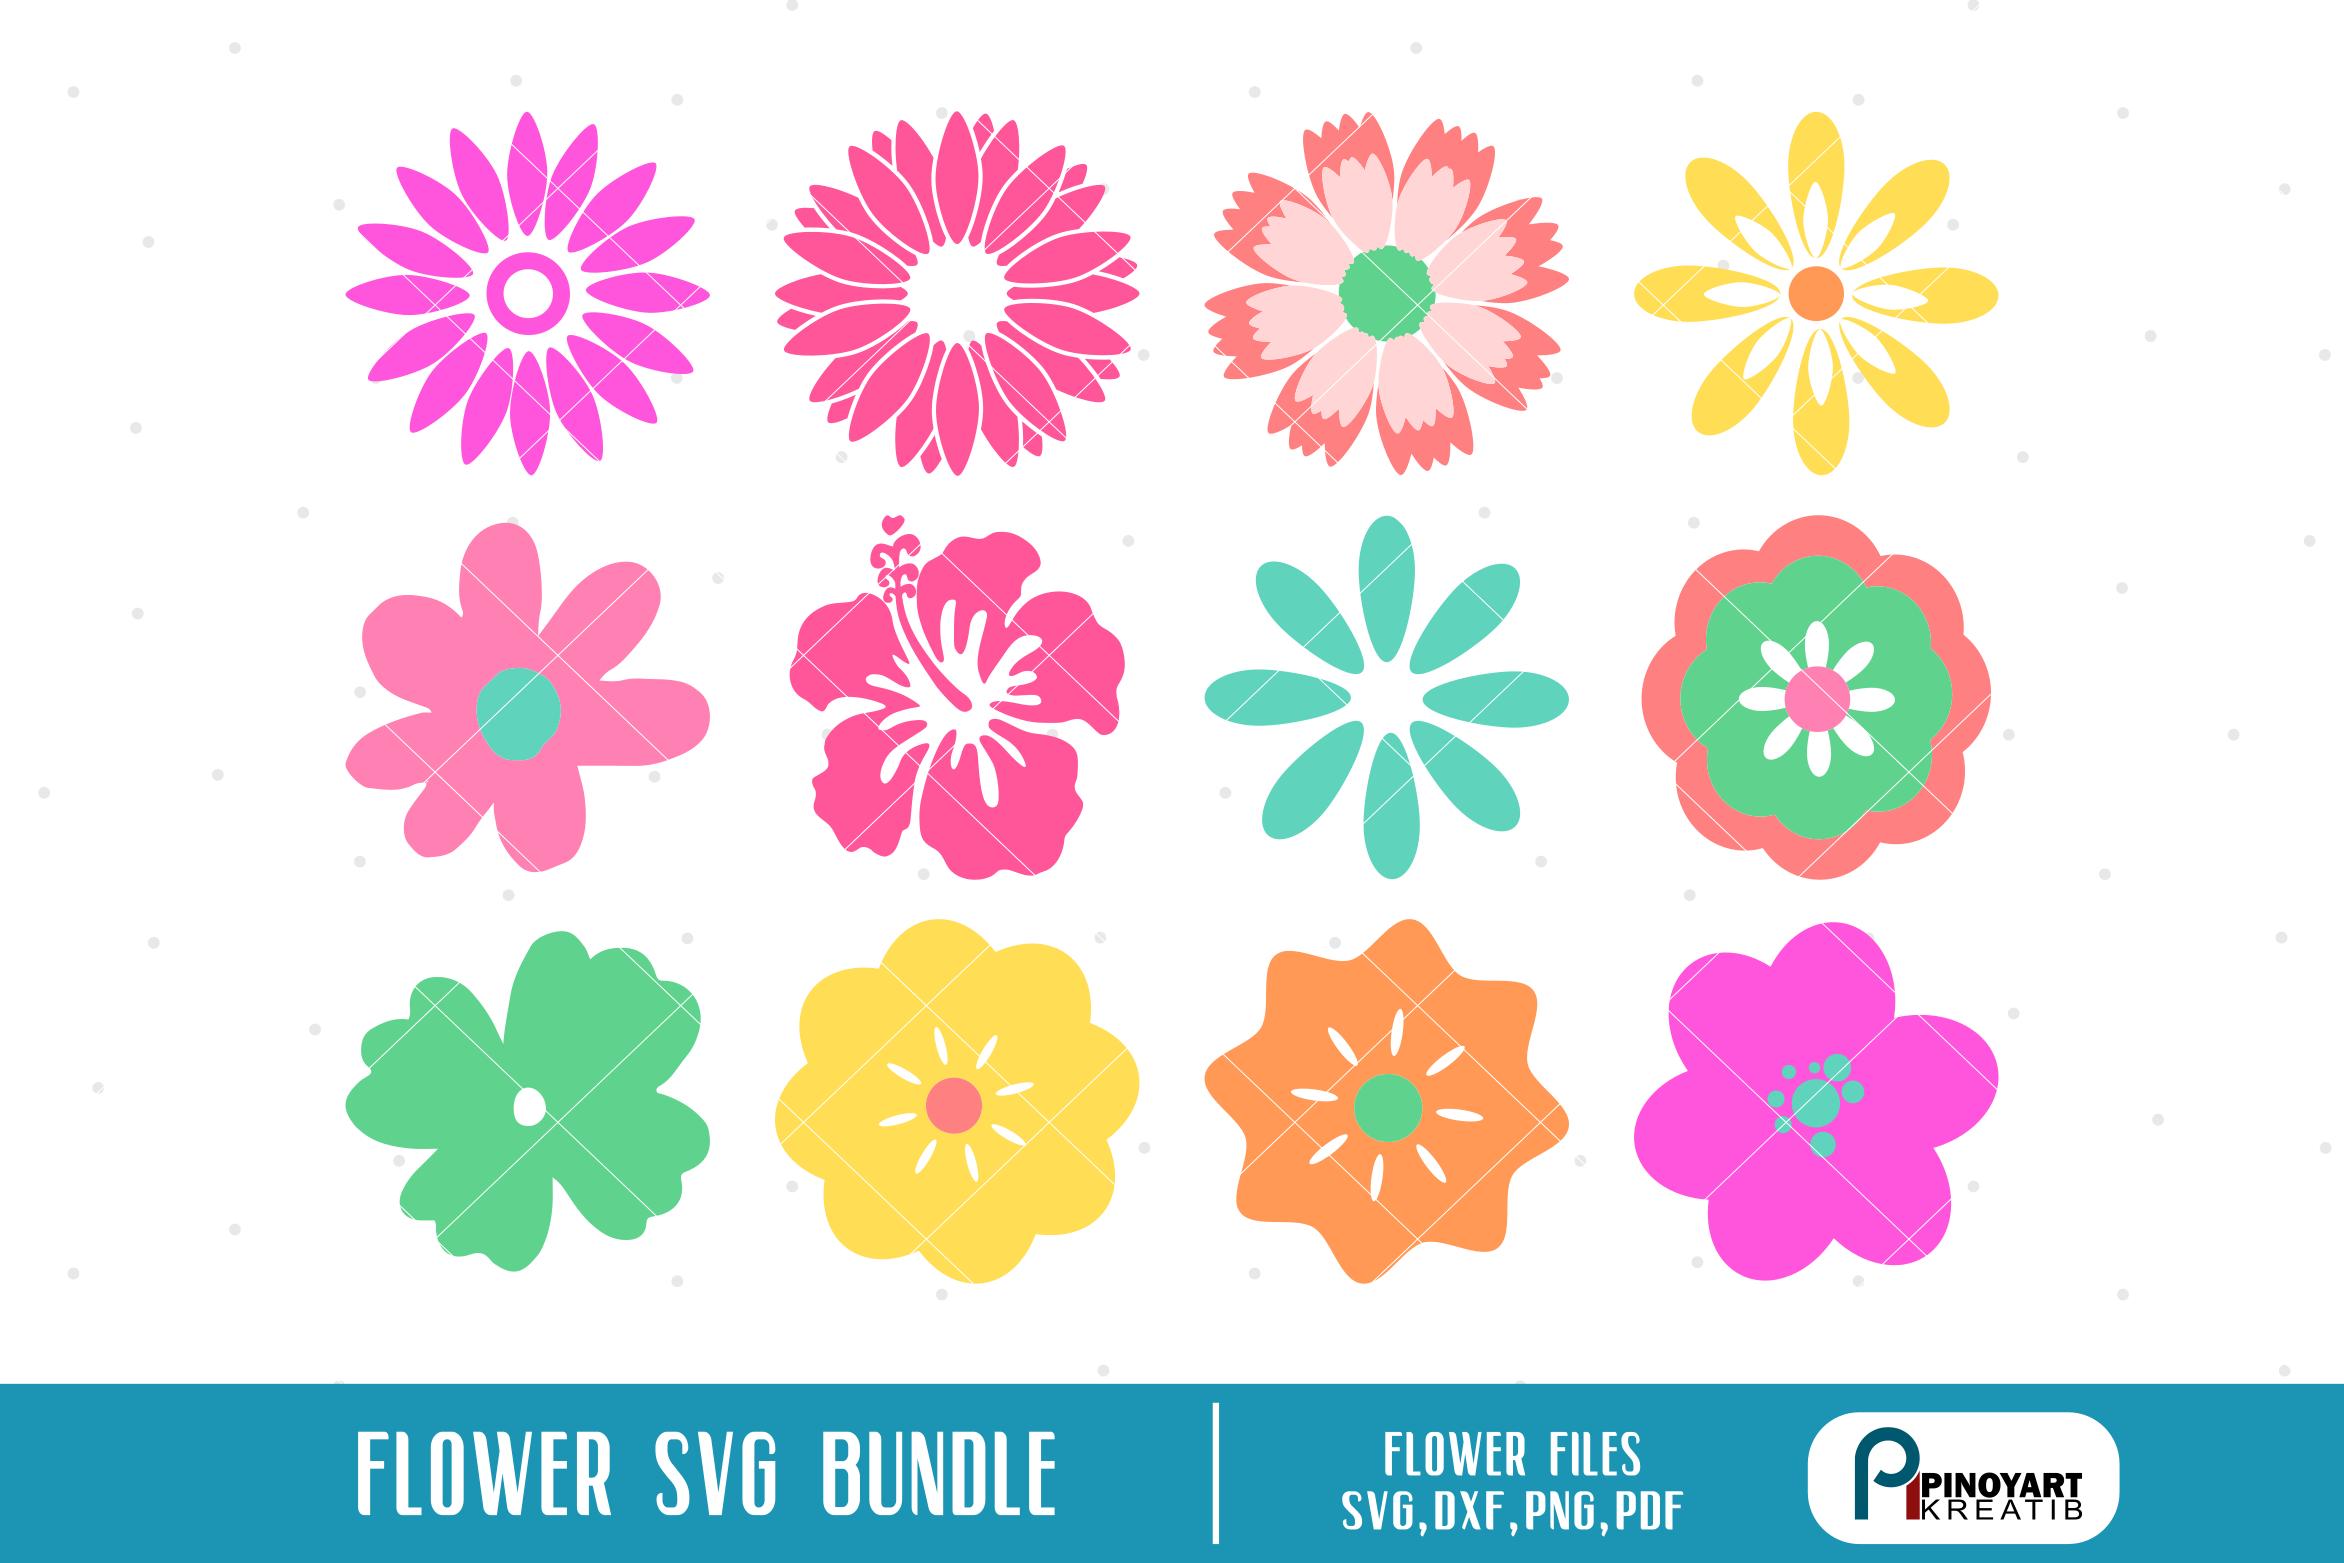 Flower Svg Flower Svg File Flower Dxf Flower Cut File Crella